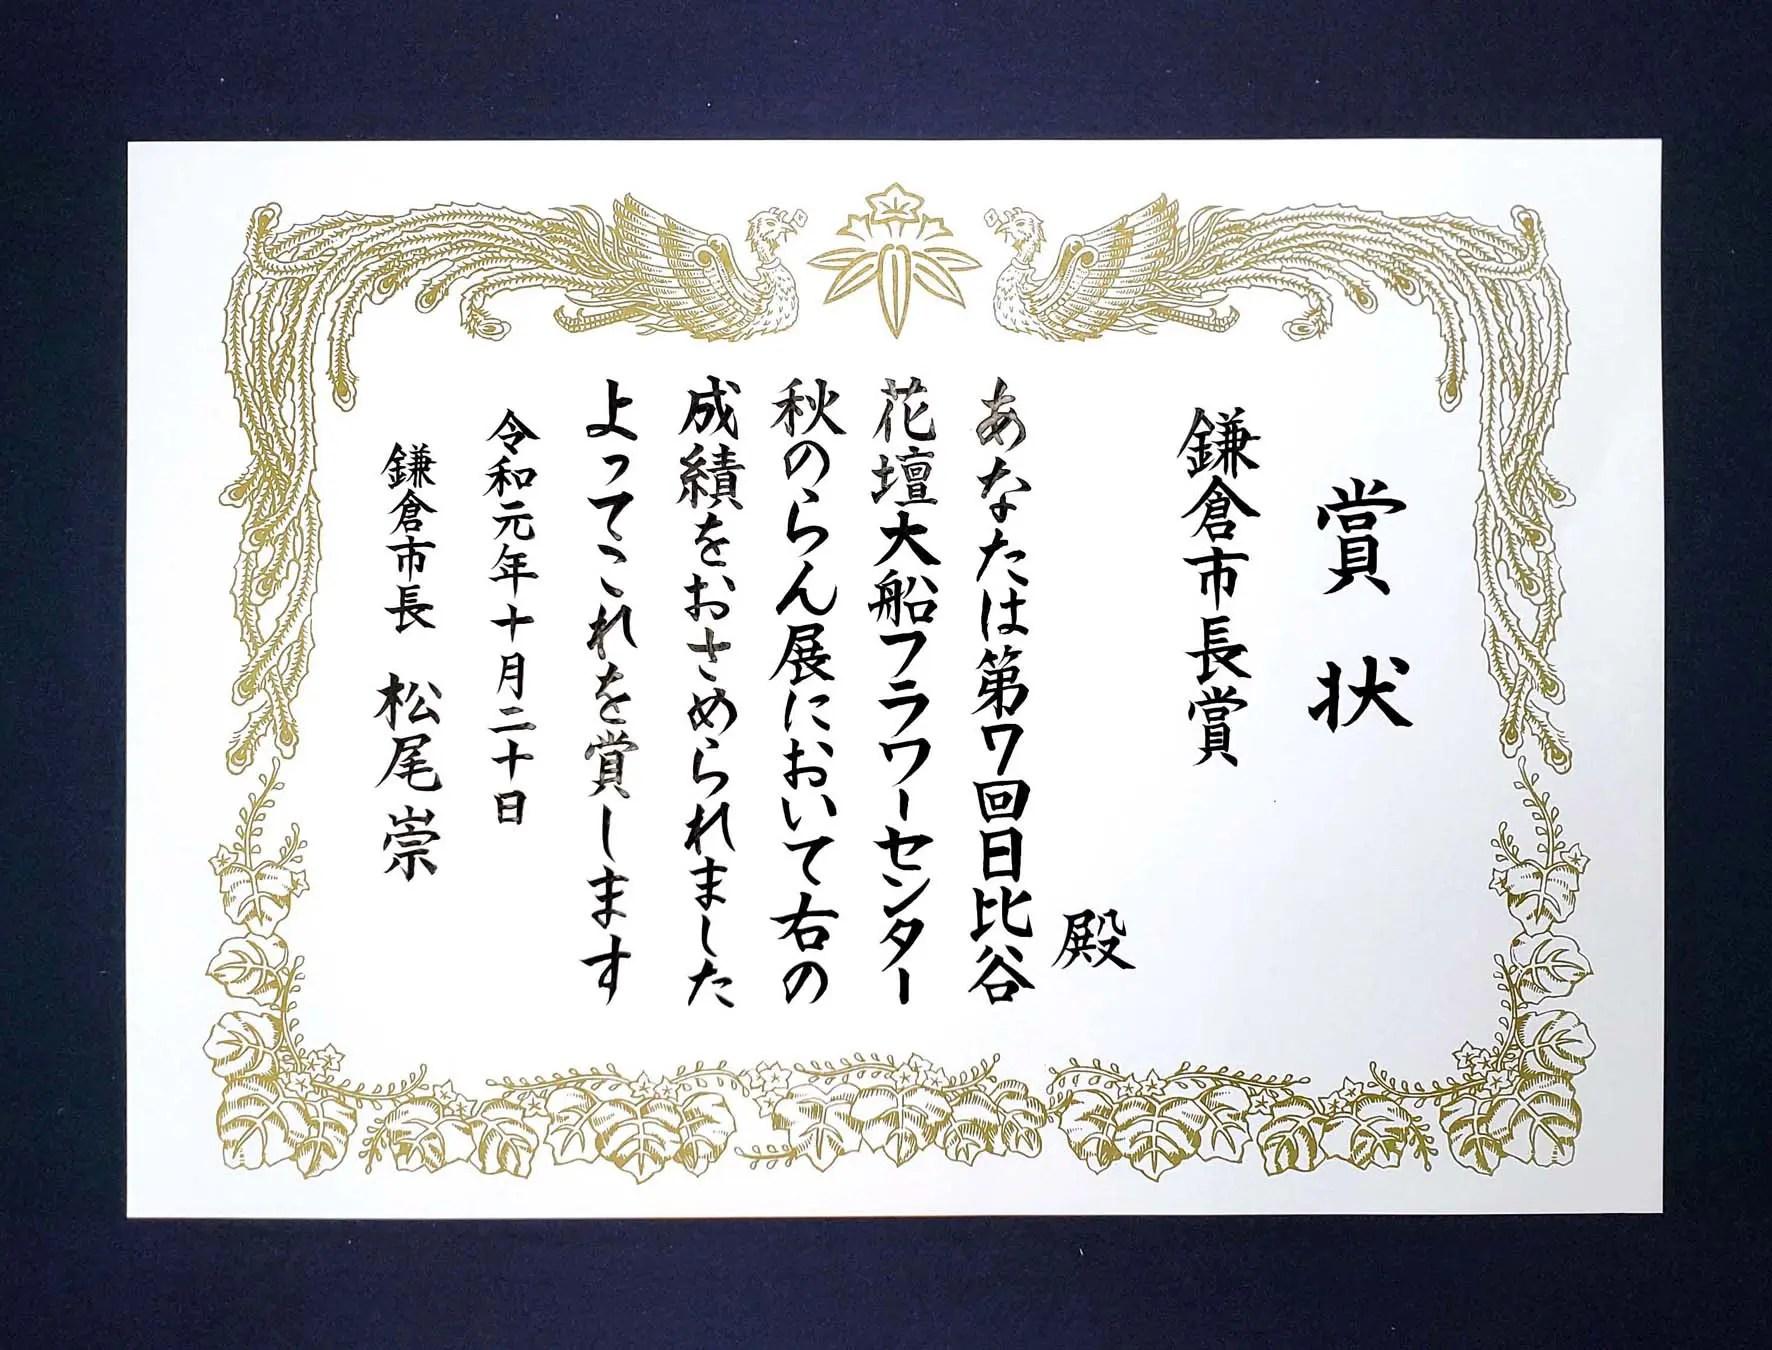 日比谷花壇大船フラワーセンターらん展の賞状を、手書き筆耕しました/鎌倉市長谷の書道教室